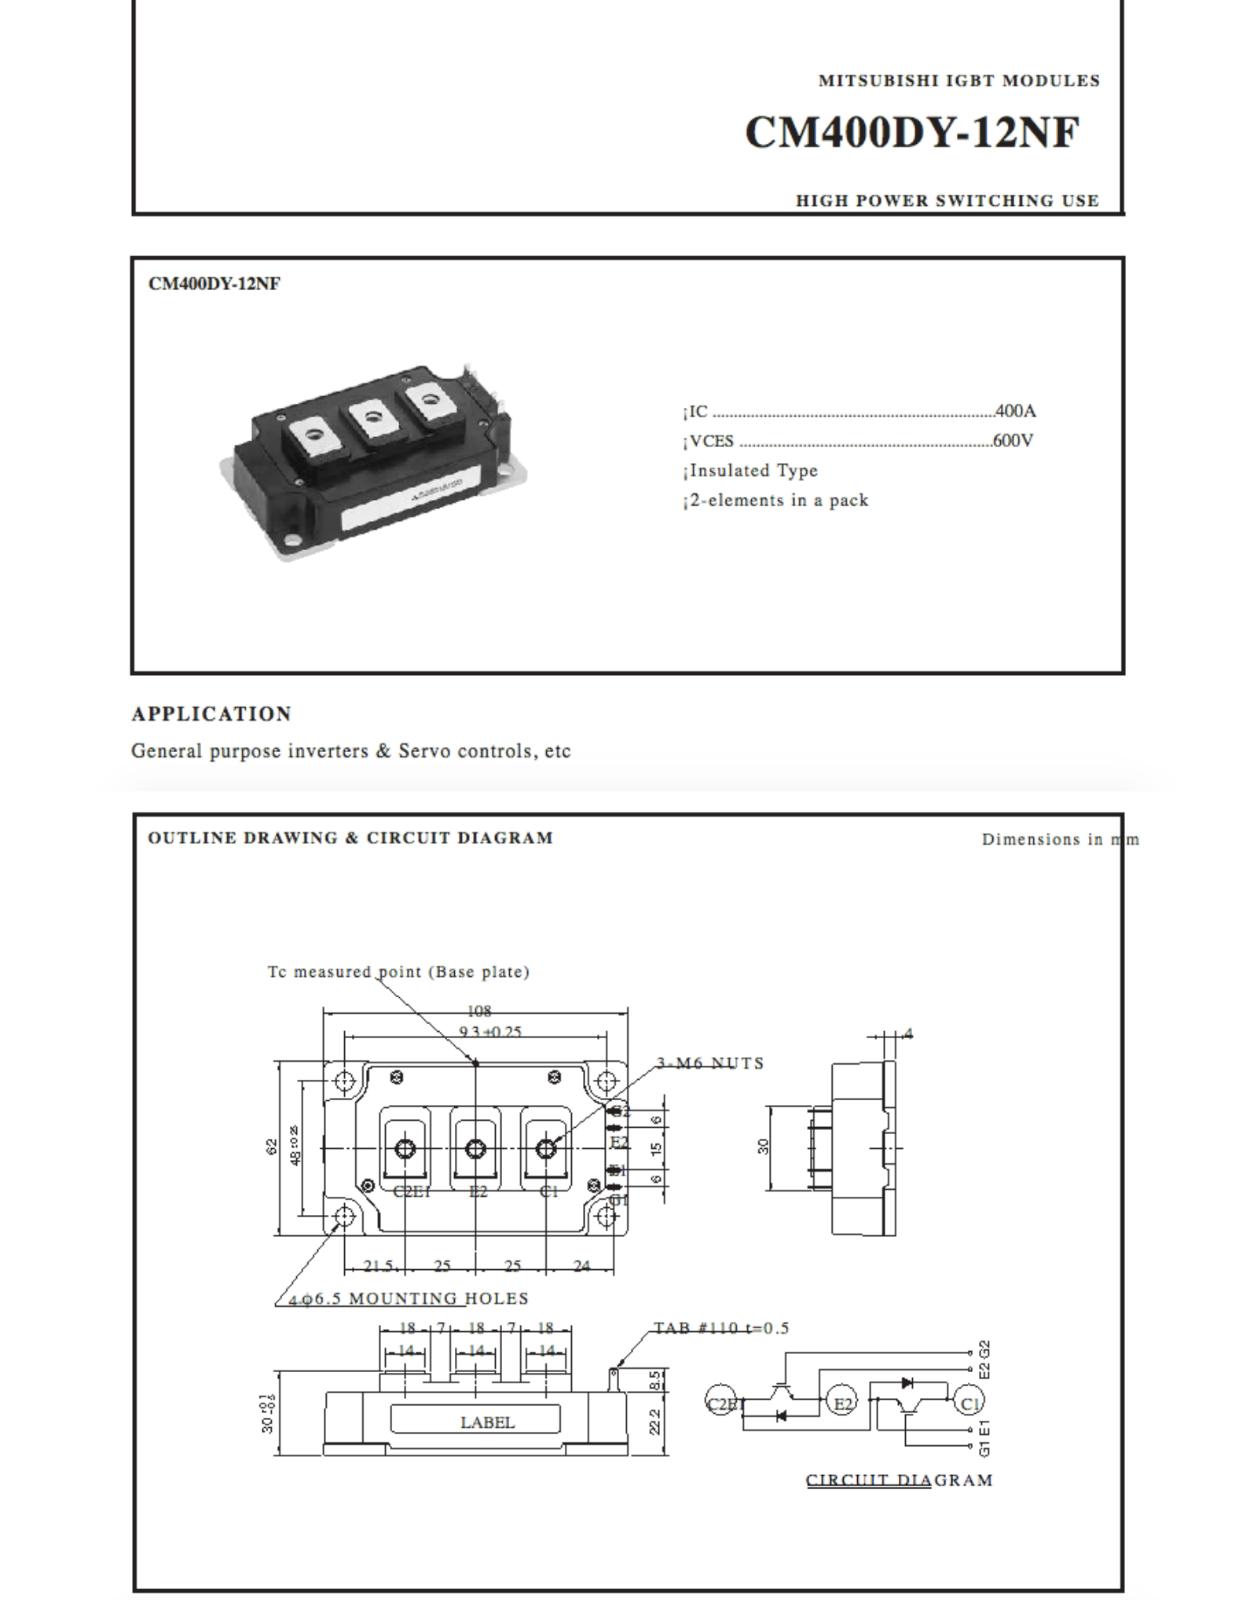 1PCS Fuente De Alimentación Módulo Mitsubishi CM400DY-12NF nuevo 100% 100% 100% garantía de calidad ed34a7